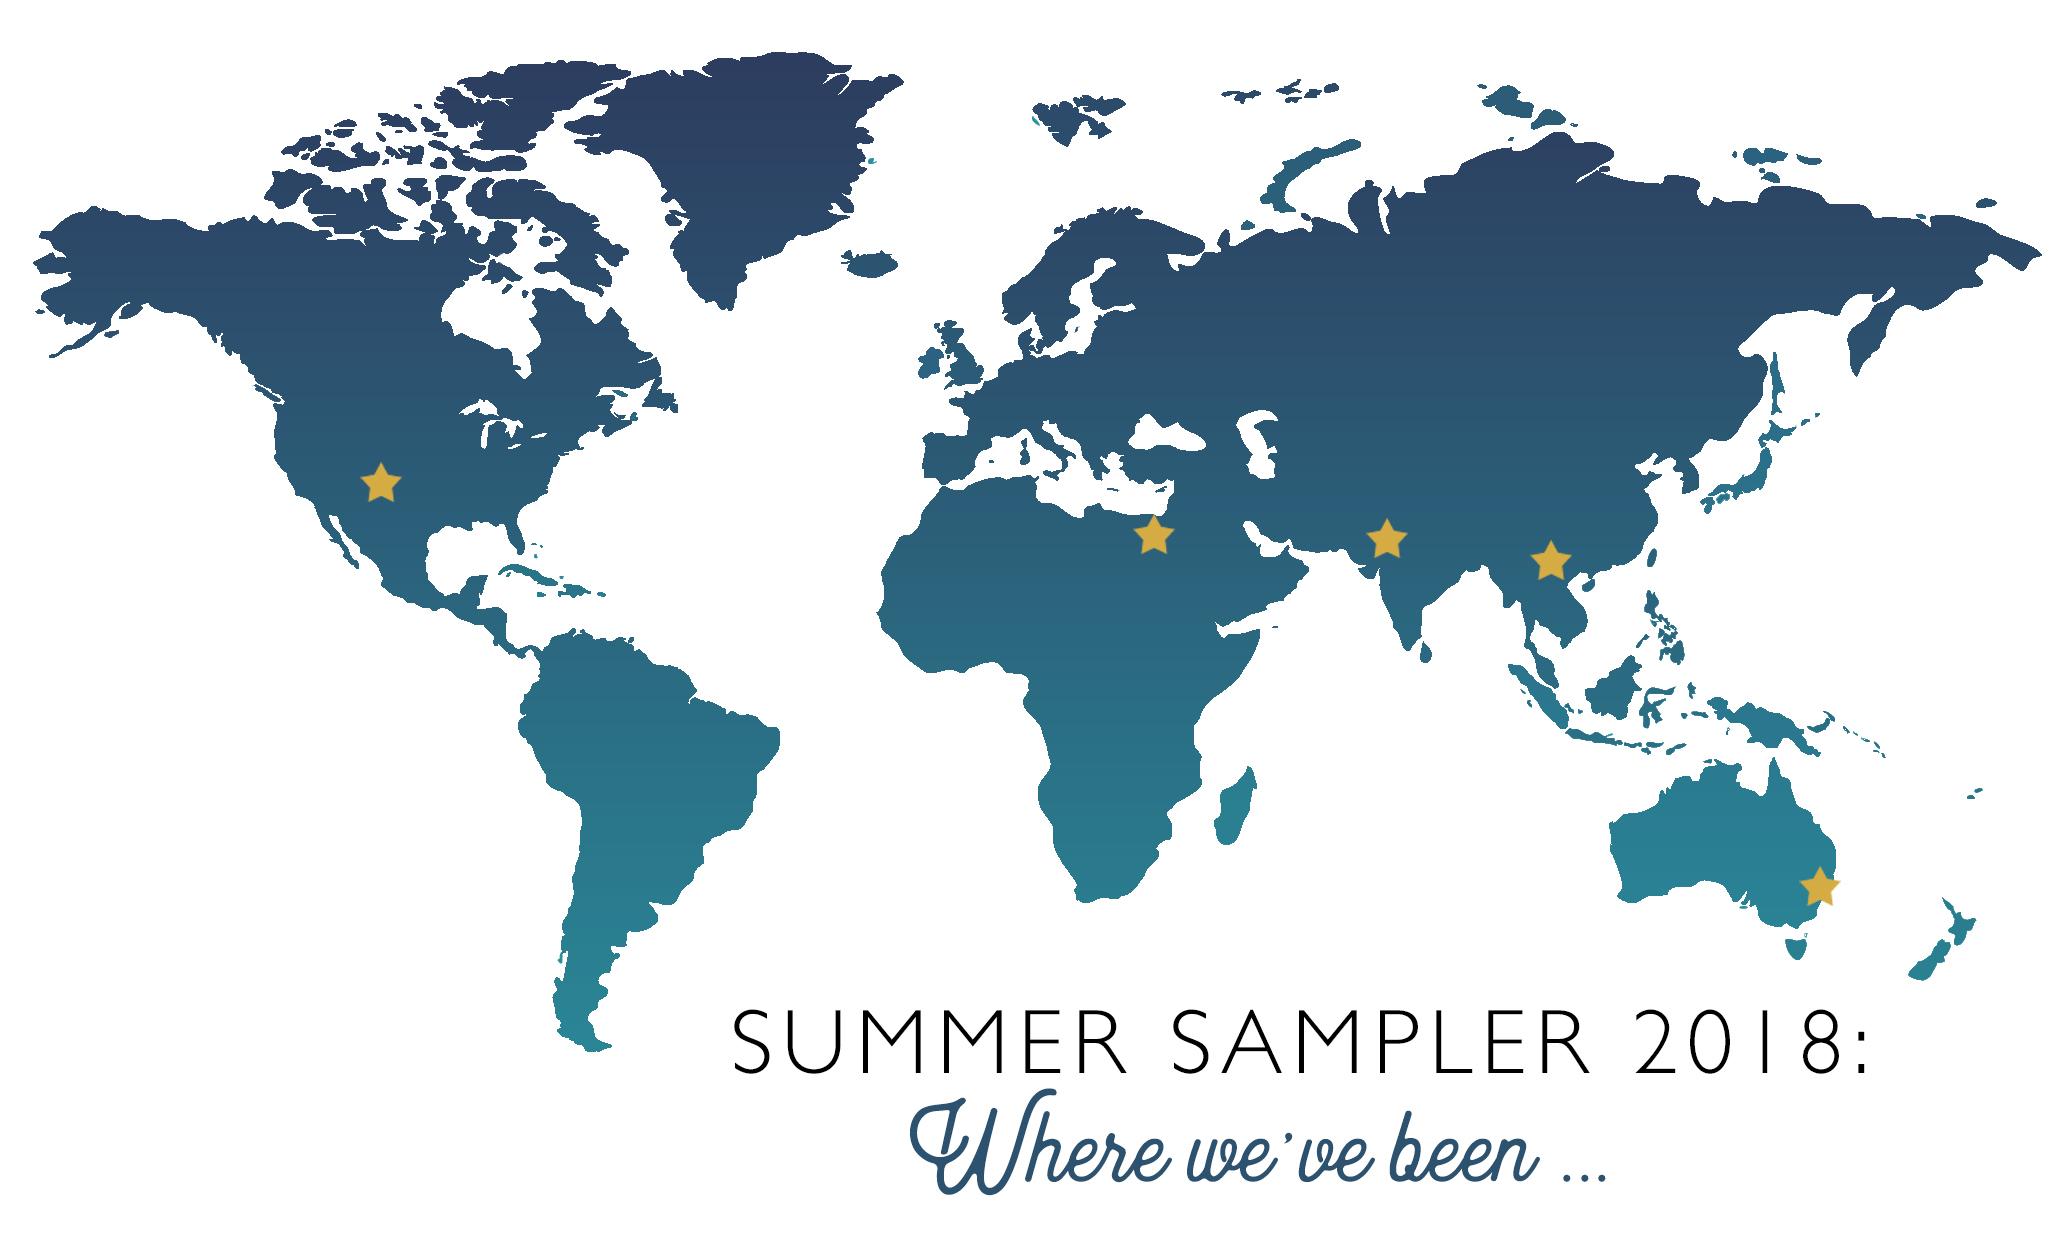 Summer Sampler 2018 : Summer Road Trip